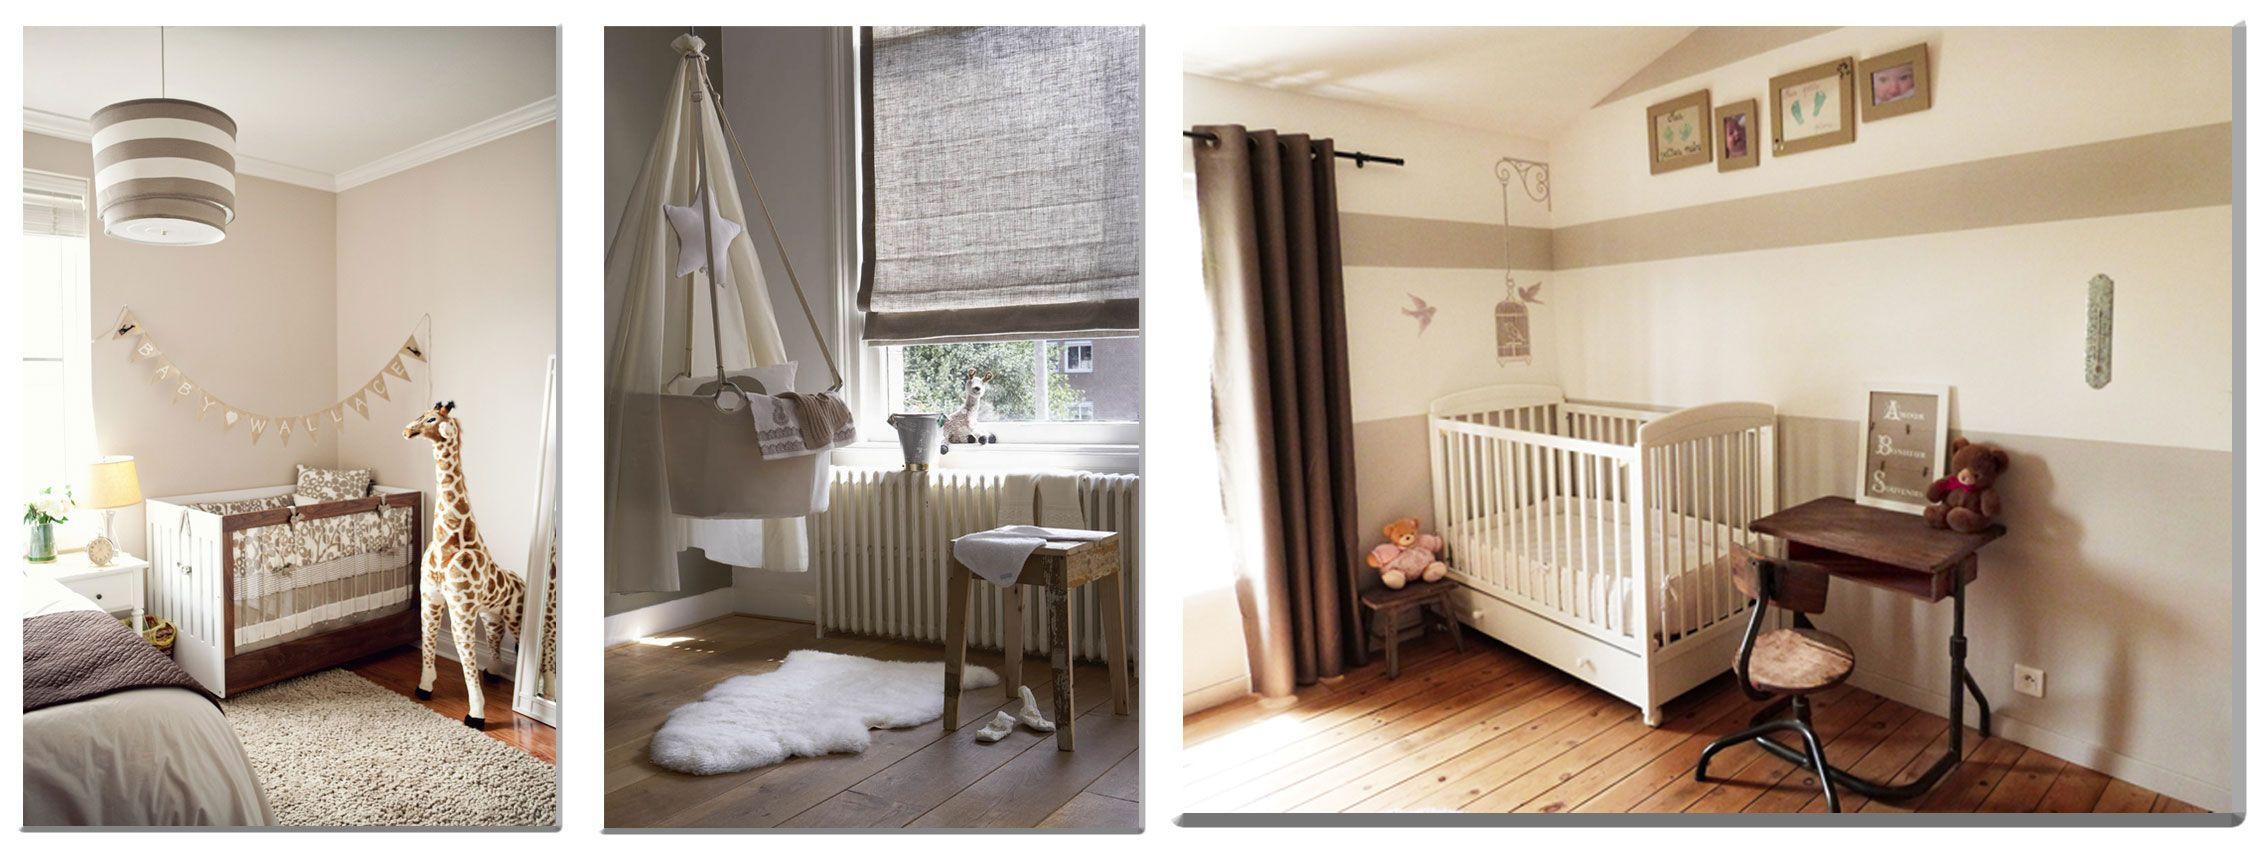 Ambiance chambre bébé beige | chambre bébé | Pinterest | Chambres ...